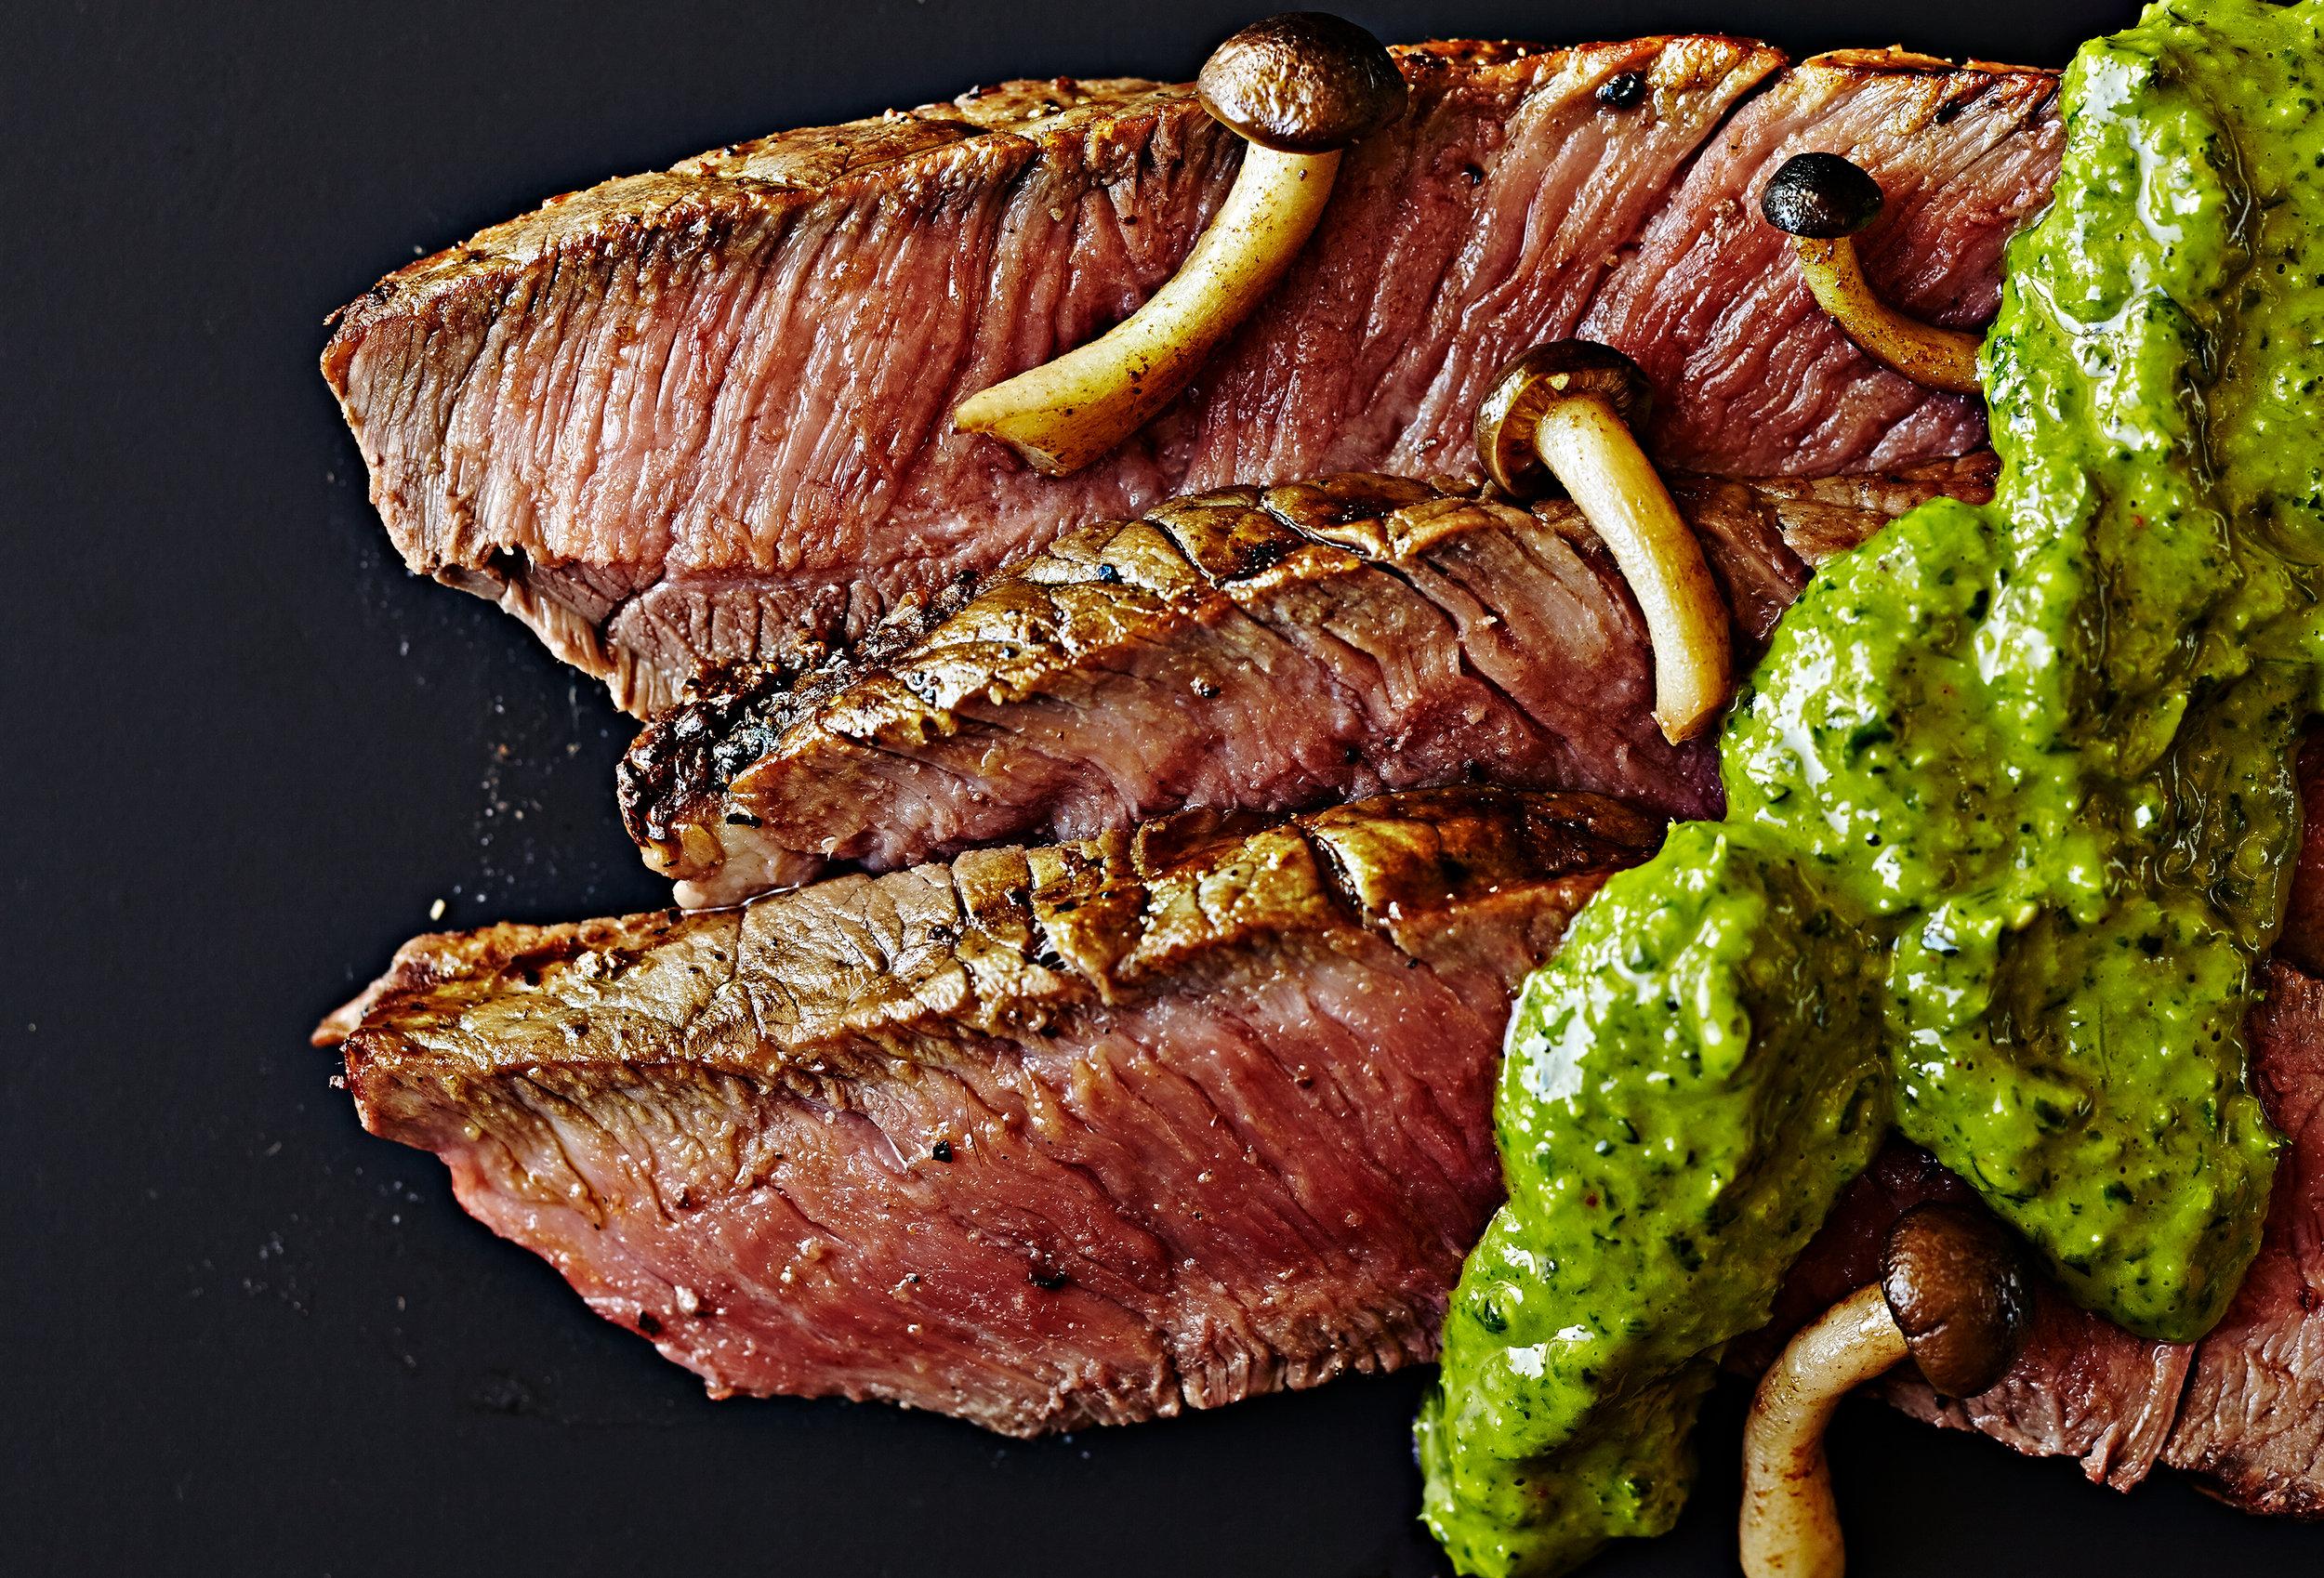 Medium rare steak slices with mushroom and chimichurri  on black background